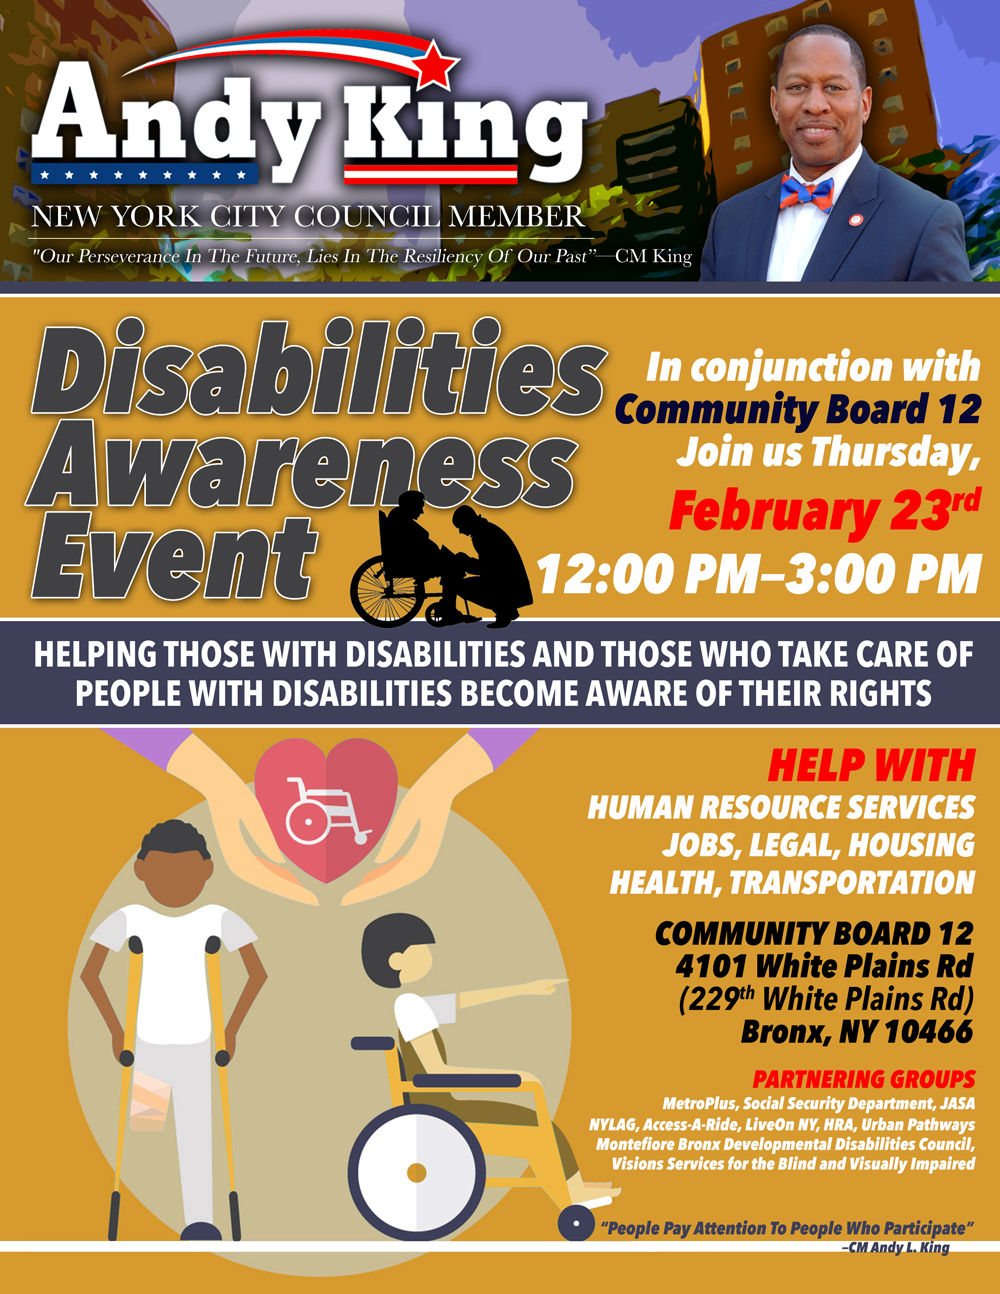 Disablilties Awareness Event